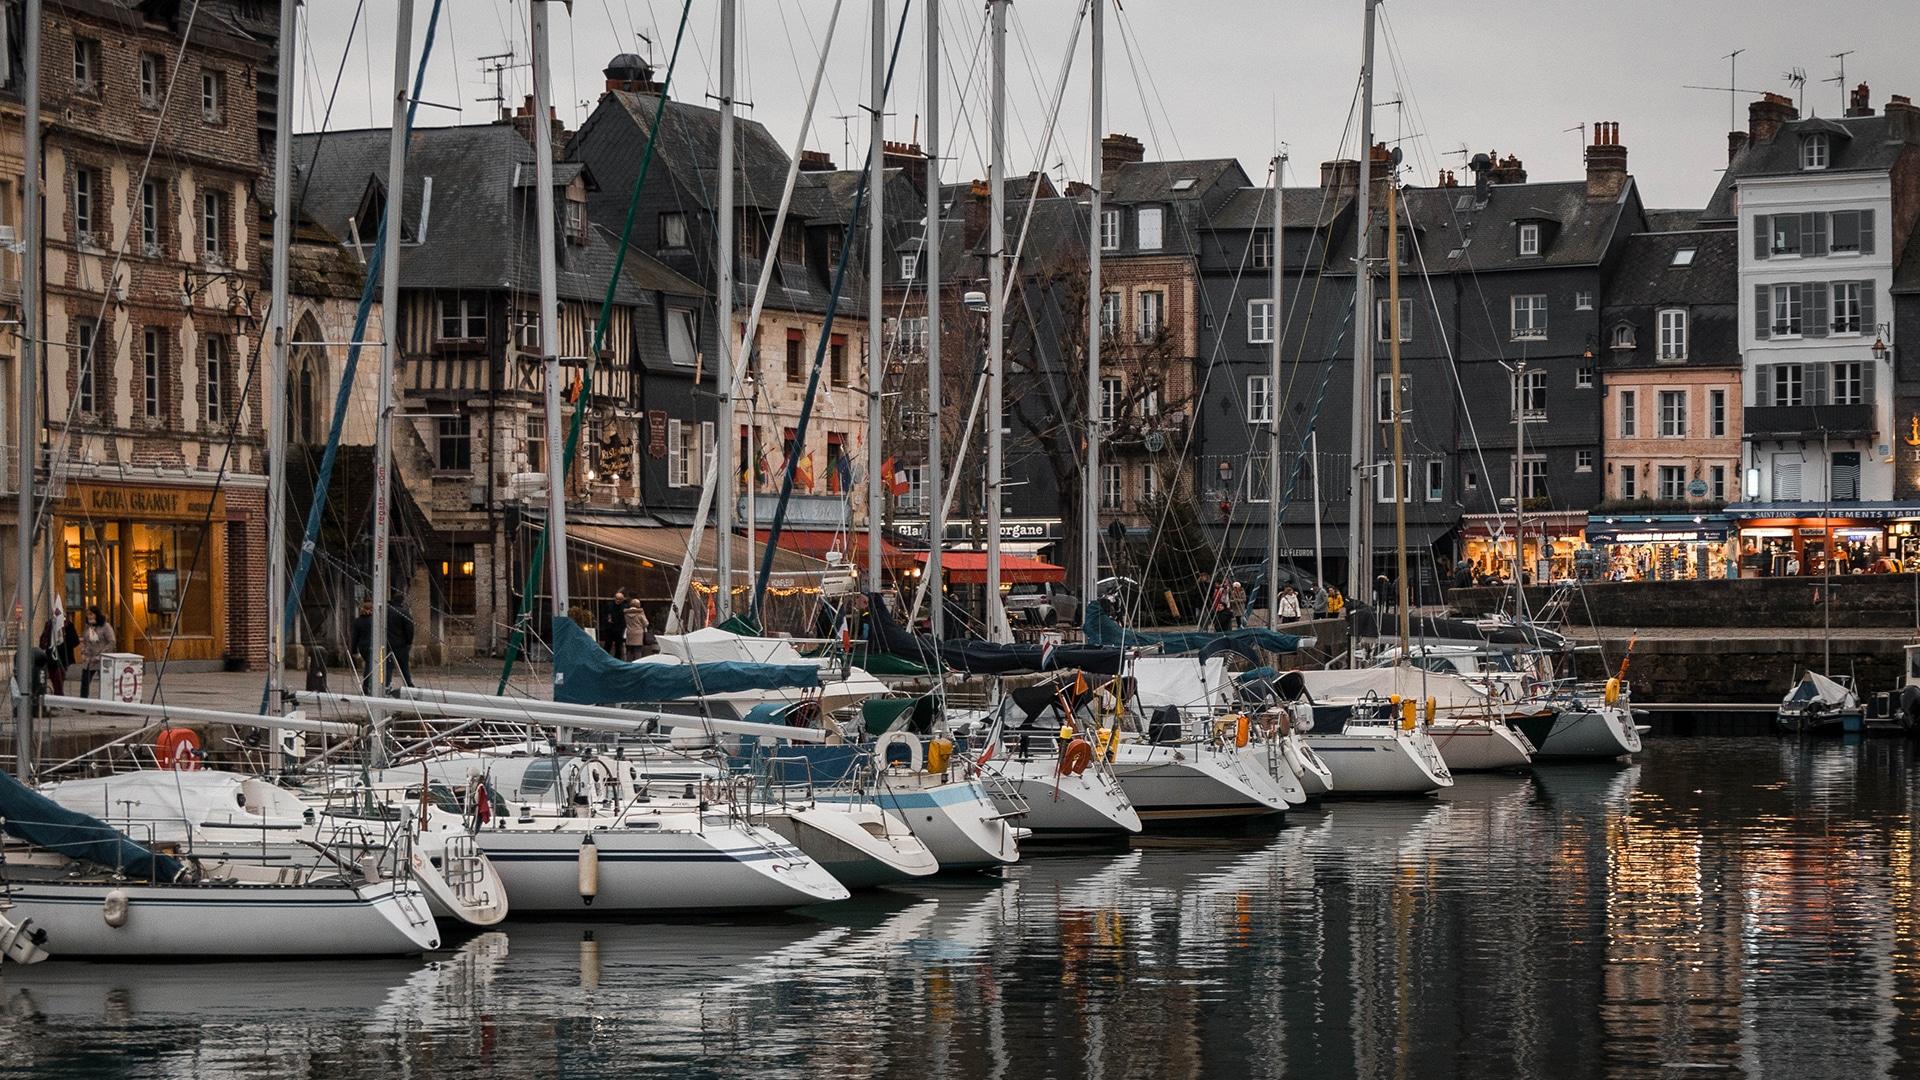 Honfleur, en France